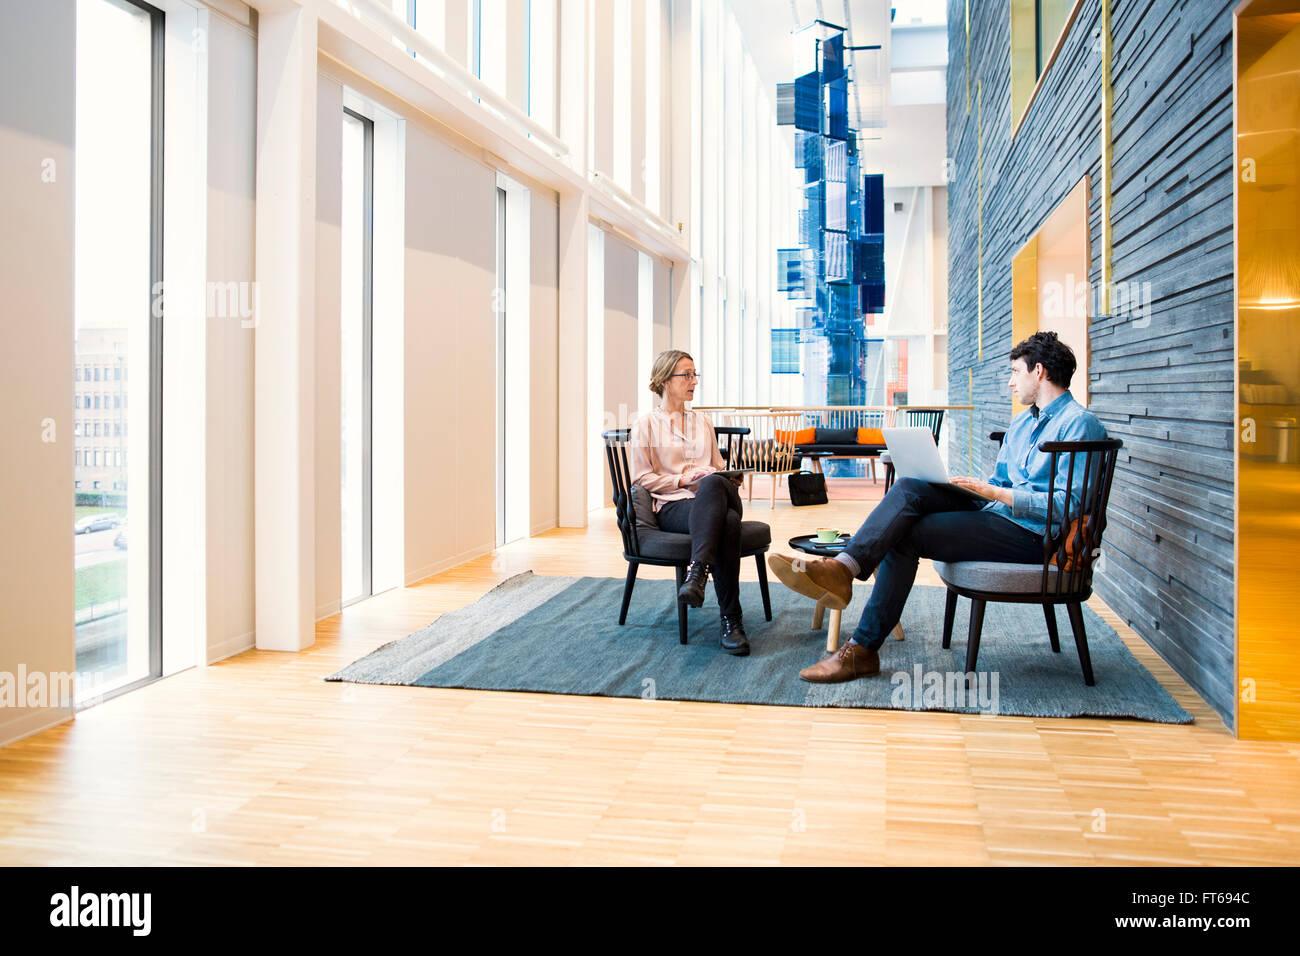 Lunghezza completa di business persone per discutere nella riunione presso la lobby dell'hotel Immagini Stock